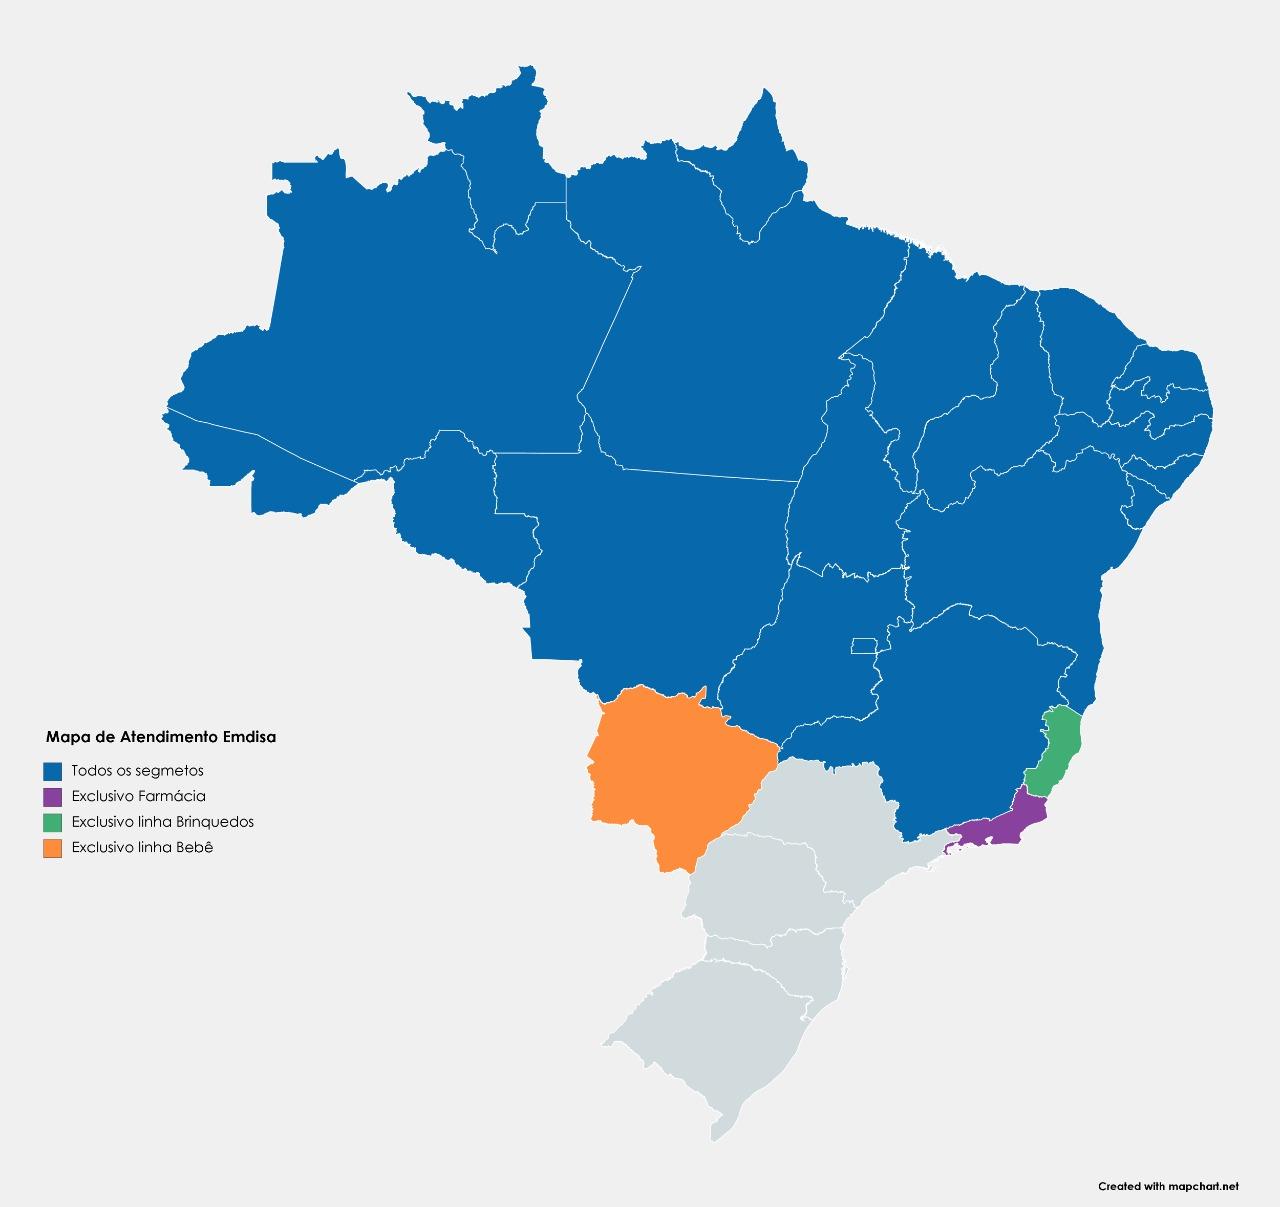 Mapa de Atendimento